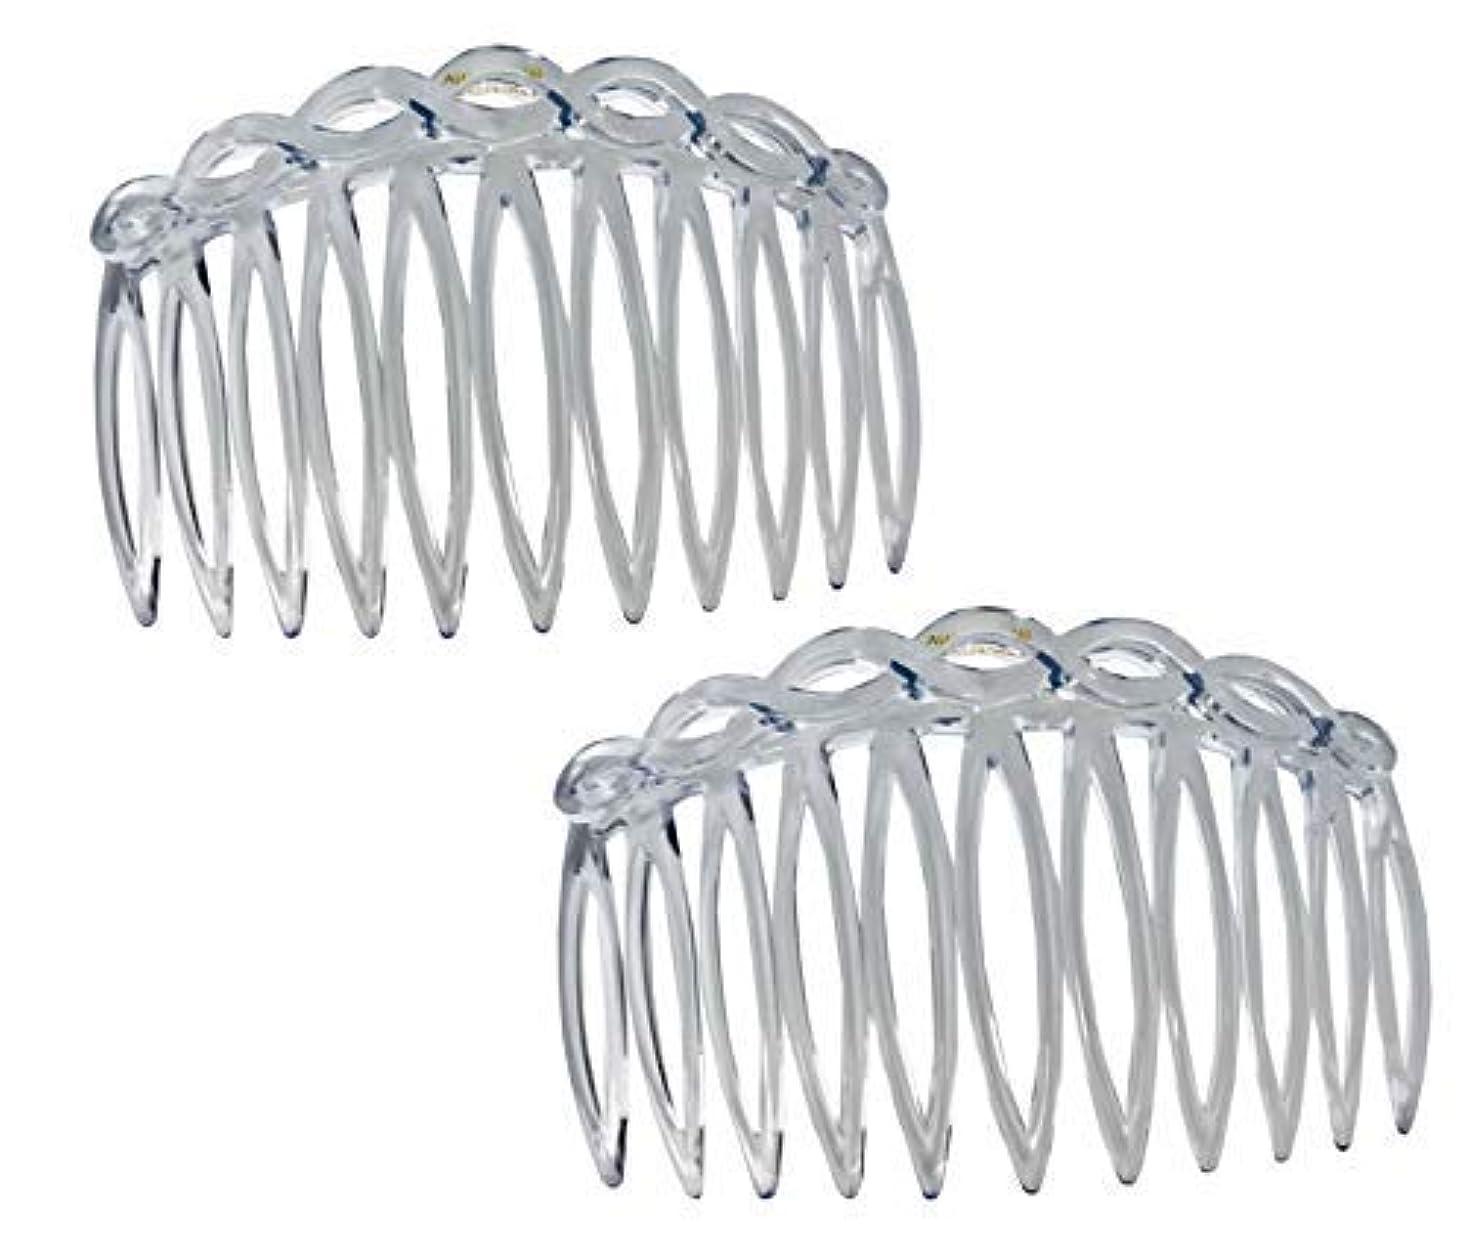 明日干渉類人猿Parcelona French Open Curved Twist Crystal Clear Set of 2 Celluloid Acetate 3 Inch Side Hair Combs [並行輸入品]